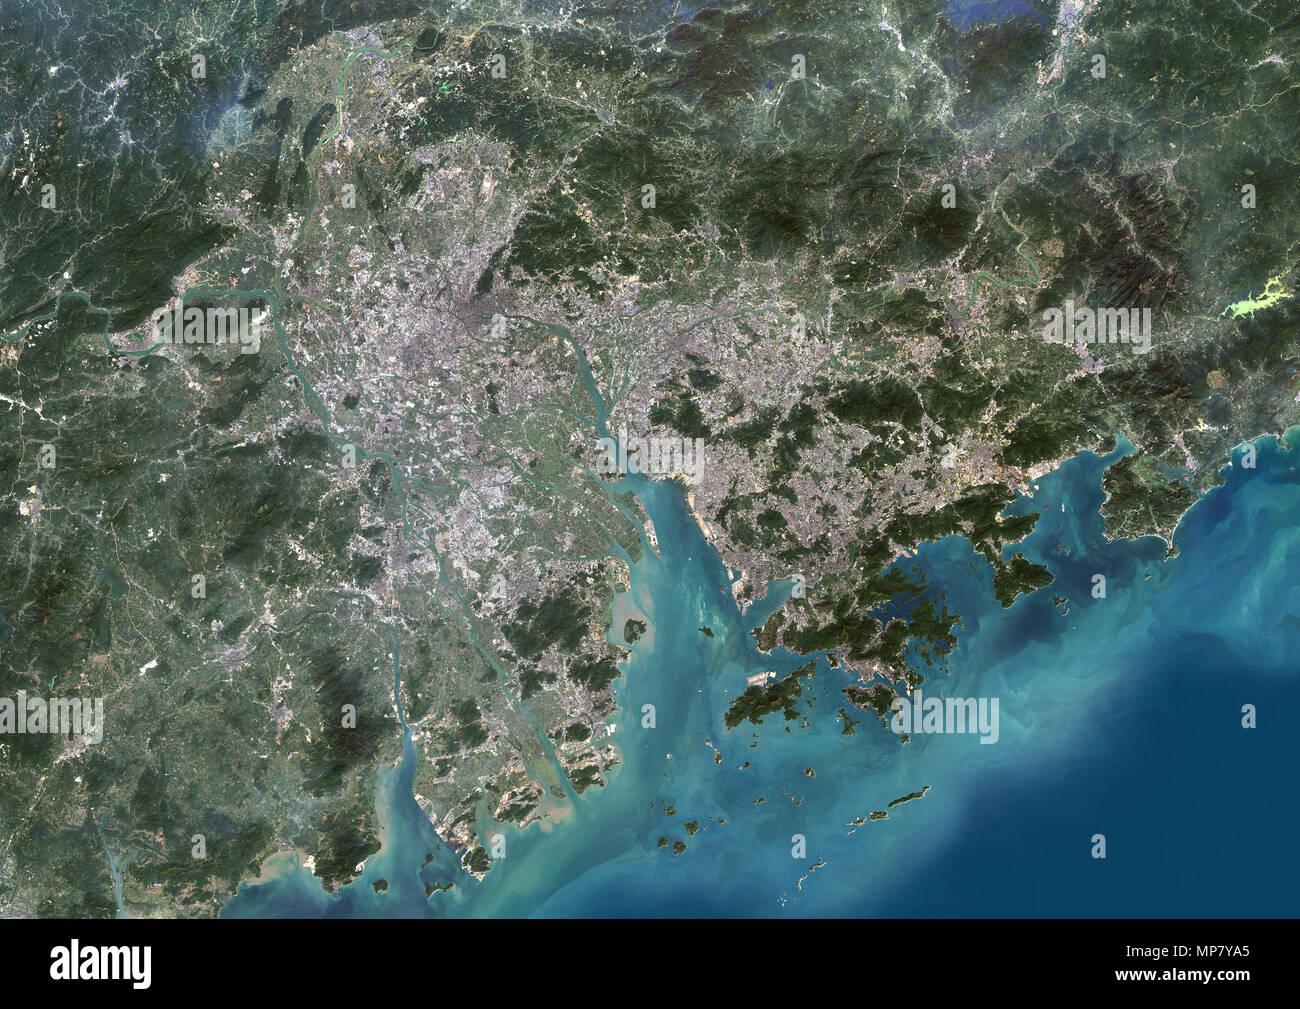 Guangzhou to Hong Kong, Pearl River Delta, China - Stock Image